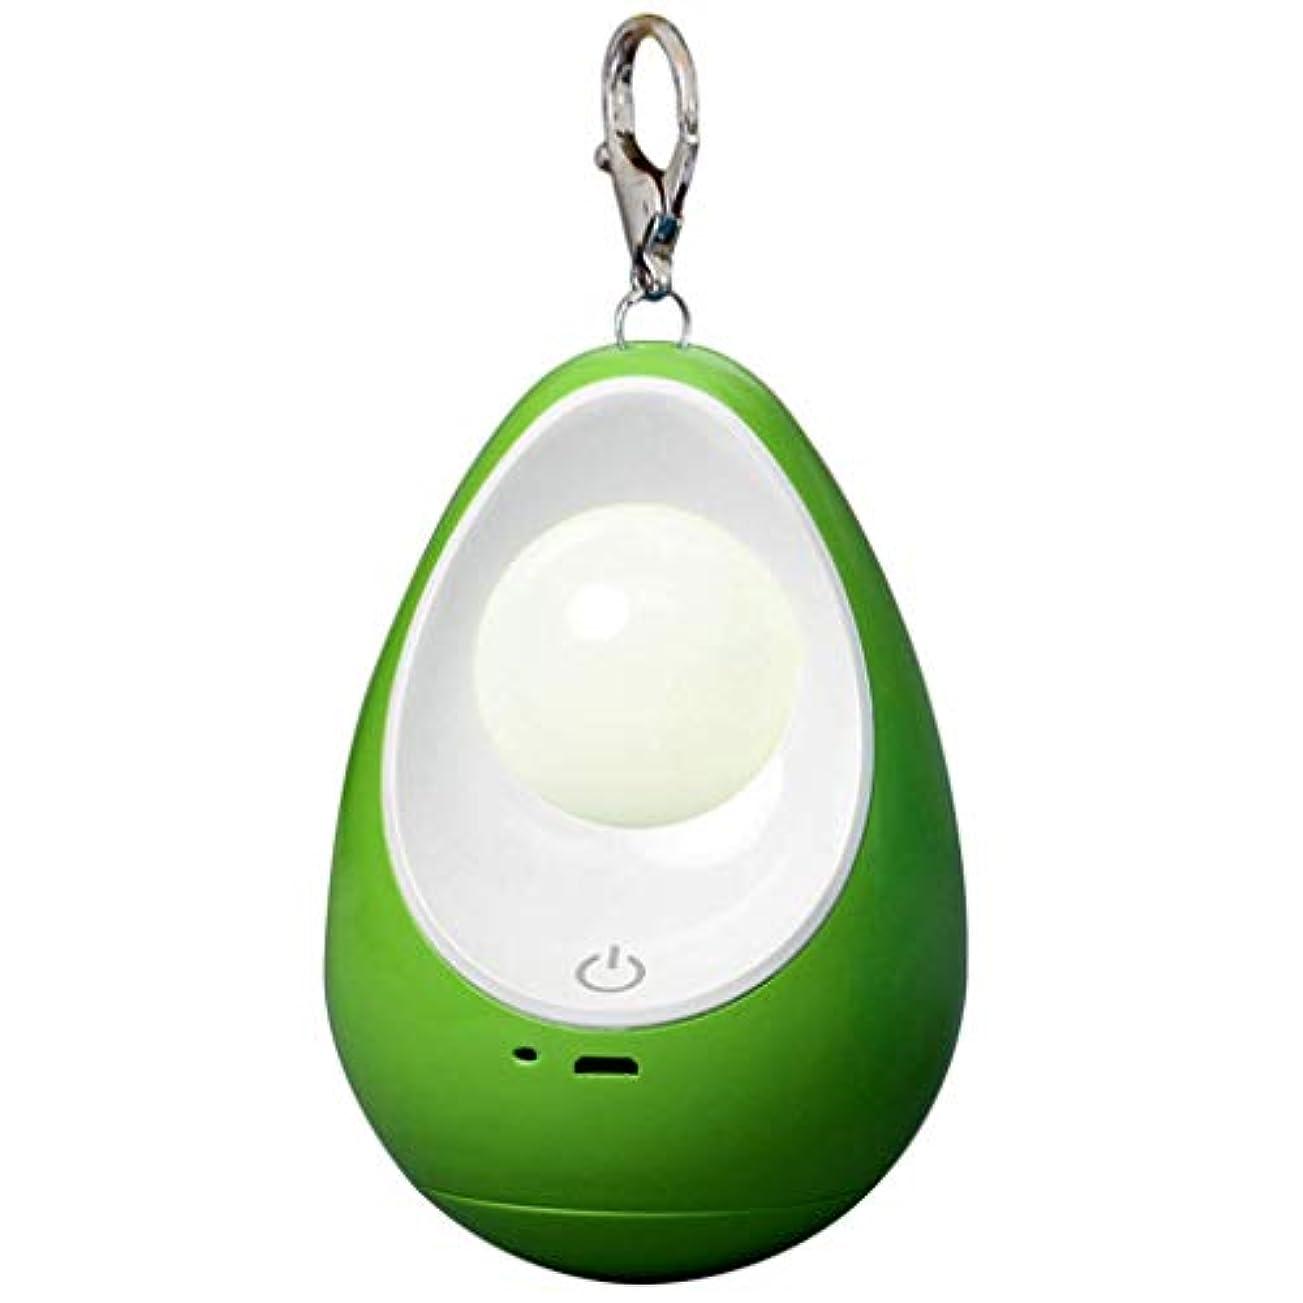 幽霊灌漑磁器ぶら下げライトブルートゥースオーディオLED屋外ランタンキャンプライト照明テントミニ充電式バッテリーキャンプライト (Color : A)